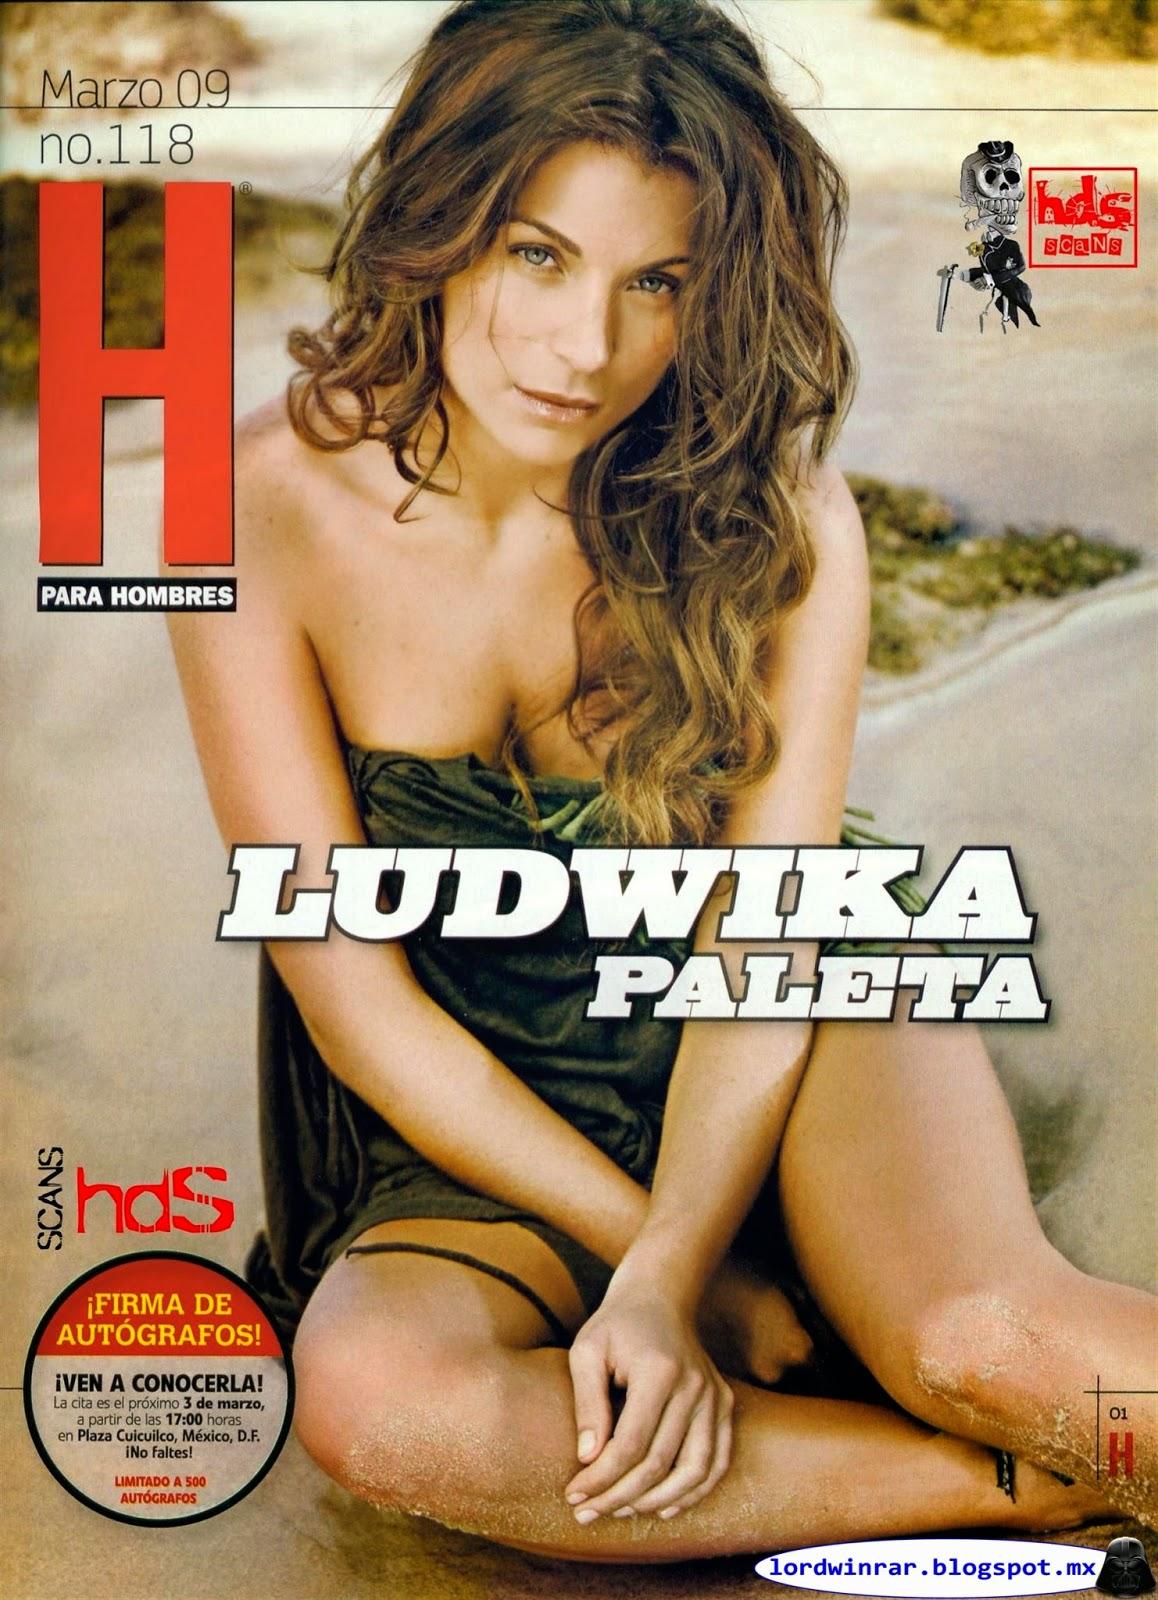 Sorry, Ludwika paleta h desnudas like your